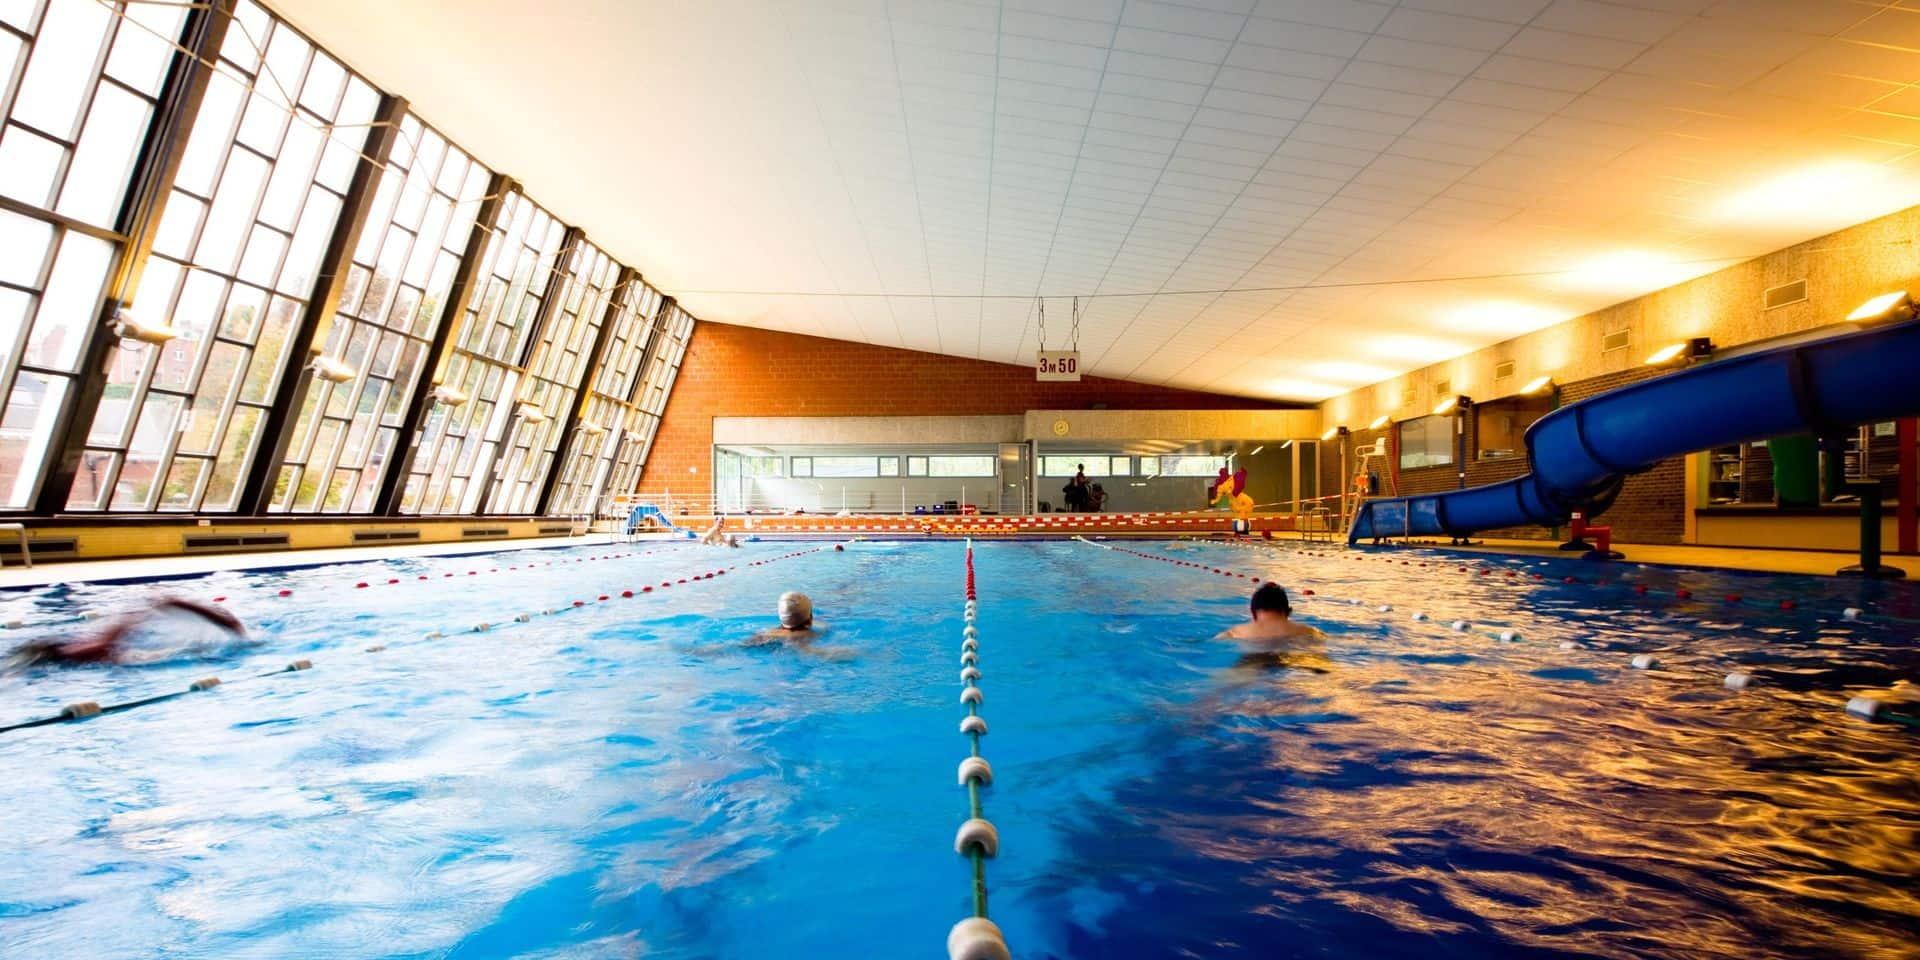 Le protocole pour les piscines est connu : les nageurs pourront être deux fois plus nombreux